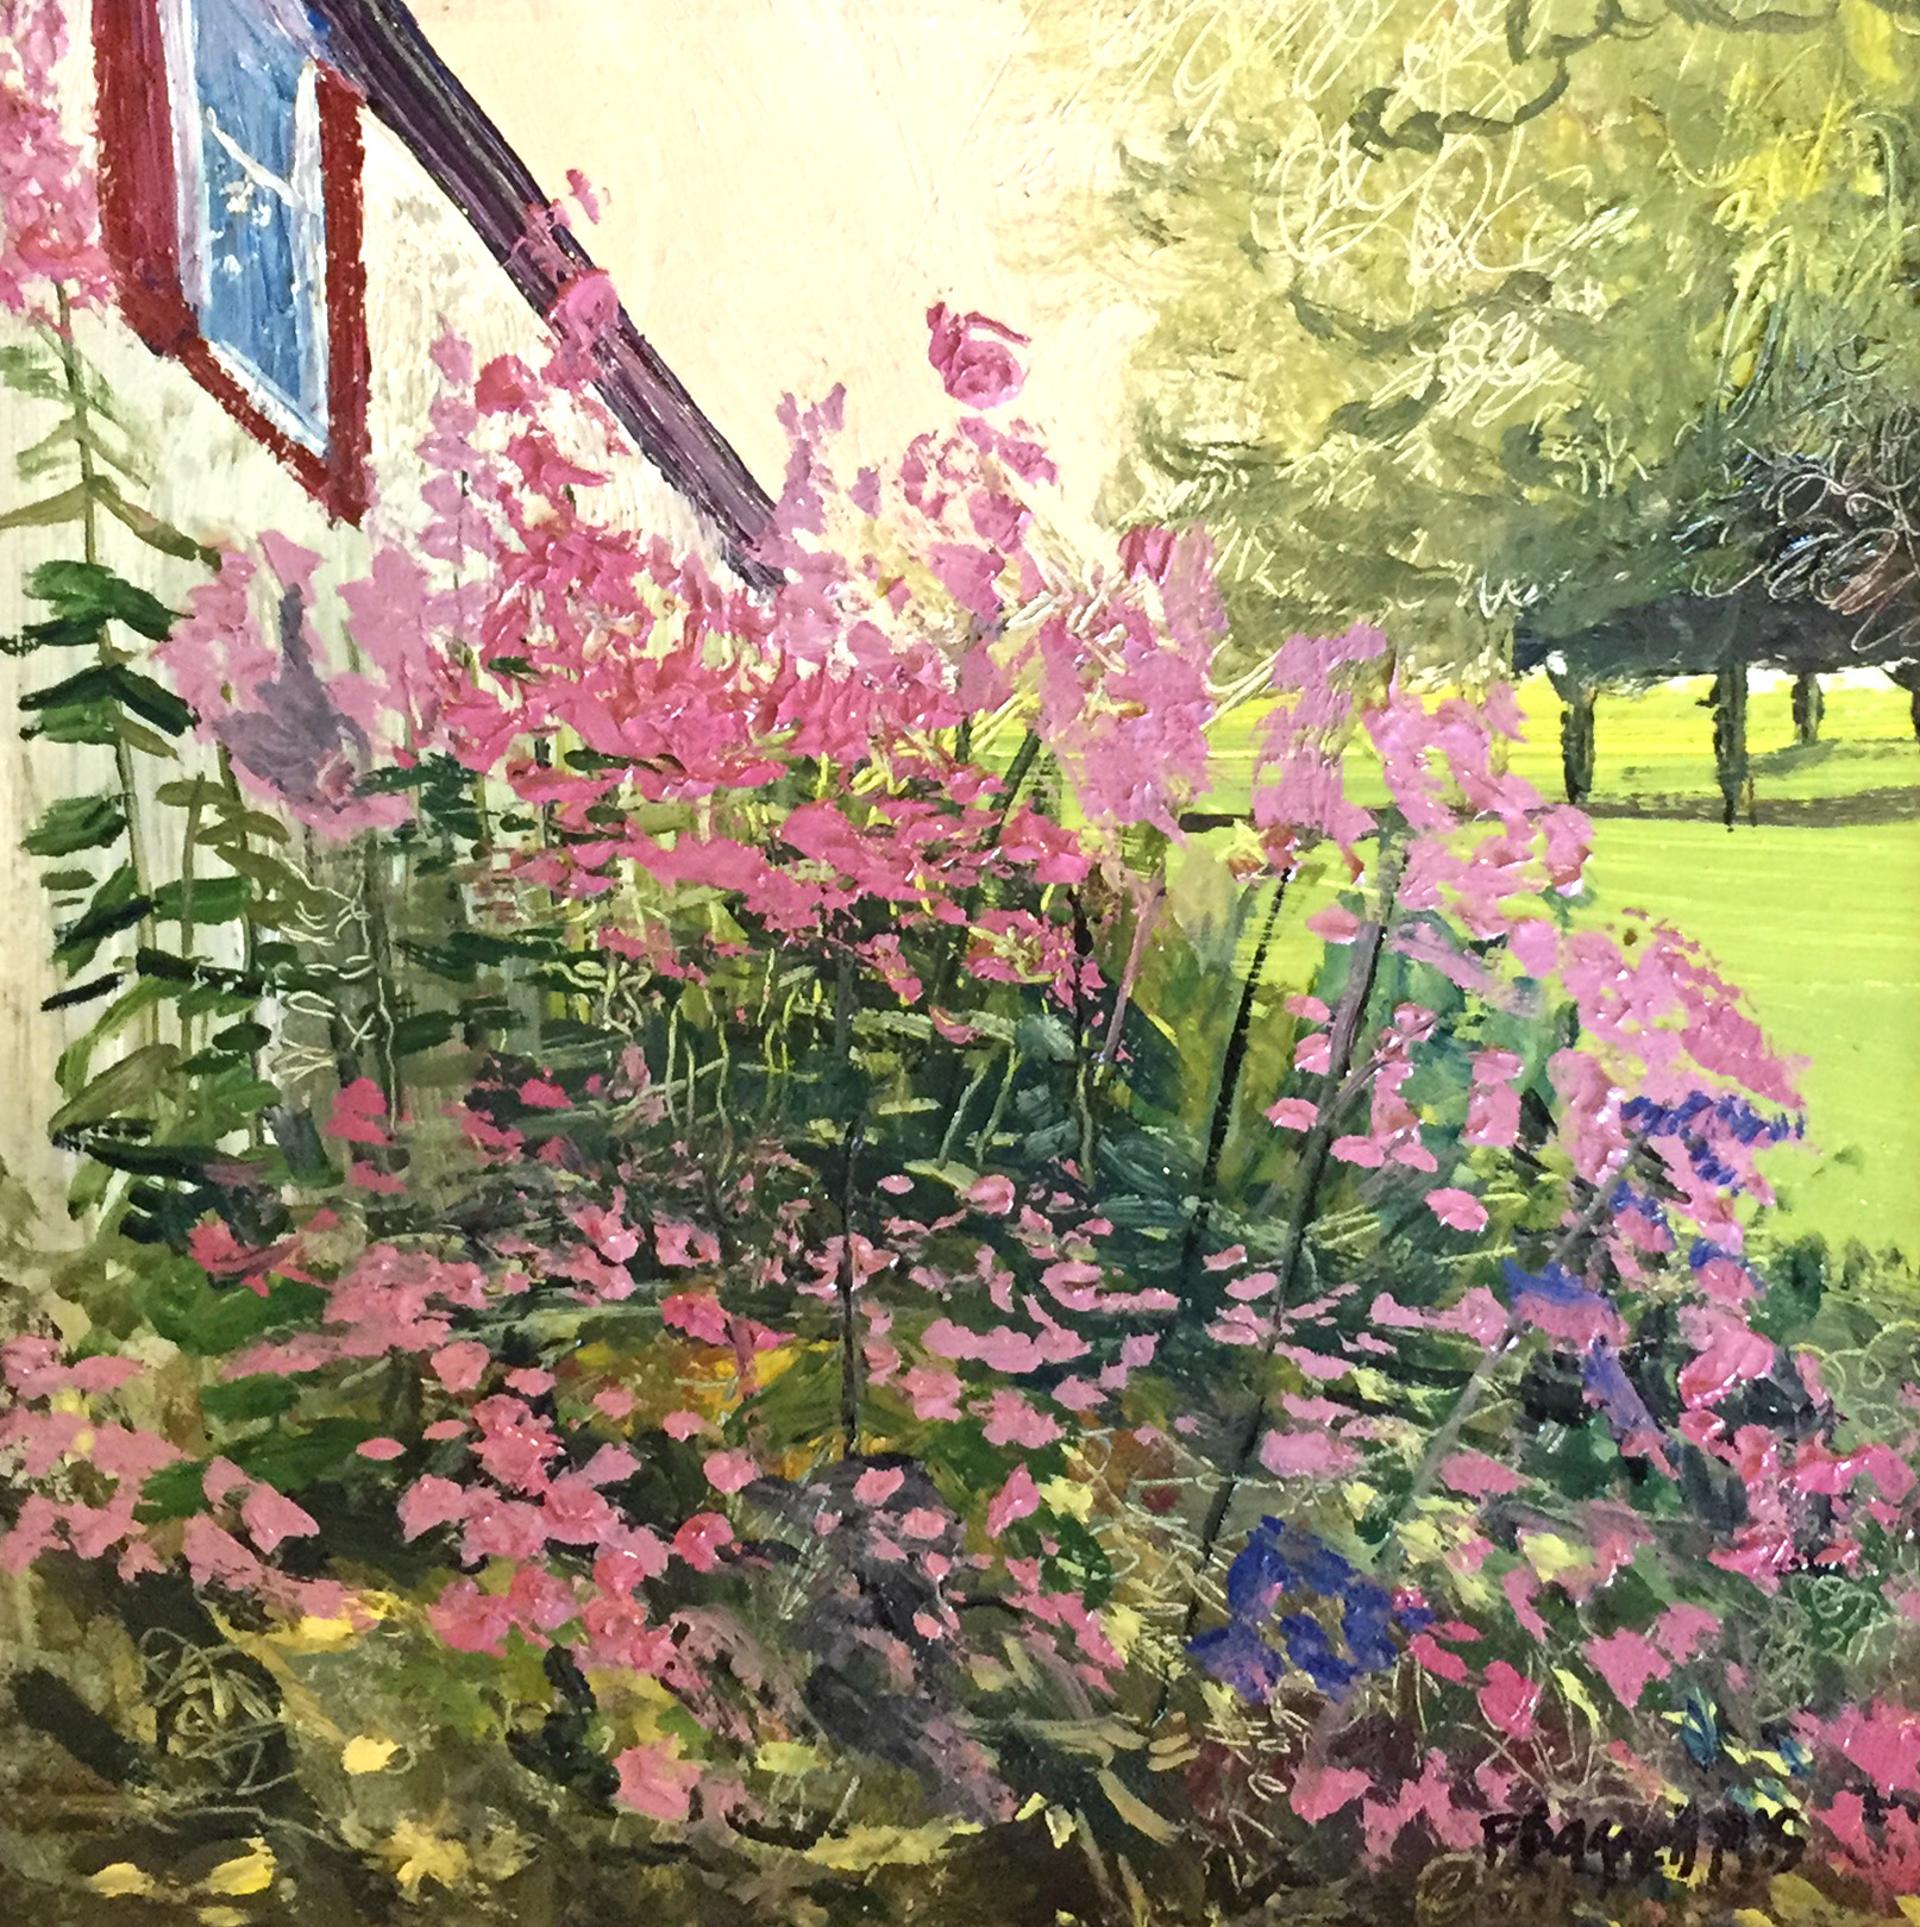 In The Garden by Frank Baggett